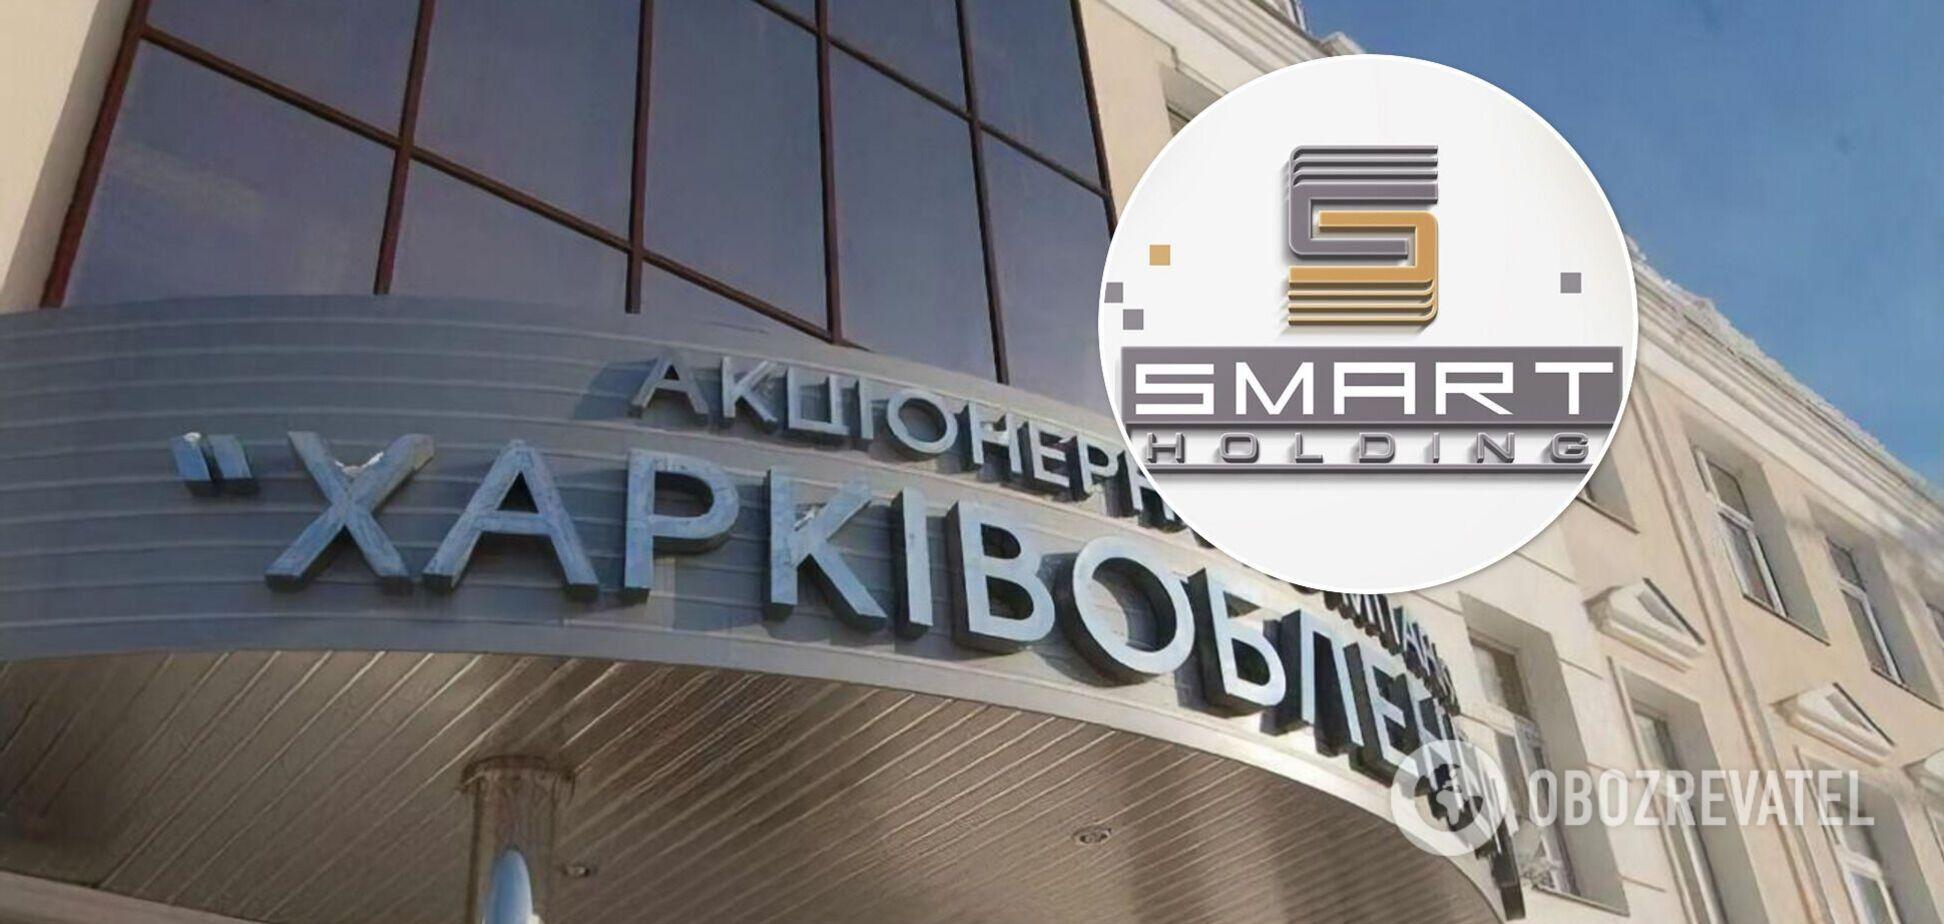 Менеджмент 'Харківобленерго' намагається зберегти корупційні схеми на підприємстві – заява Smart Holding